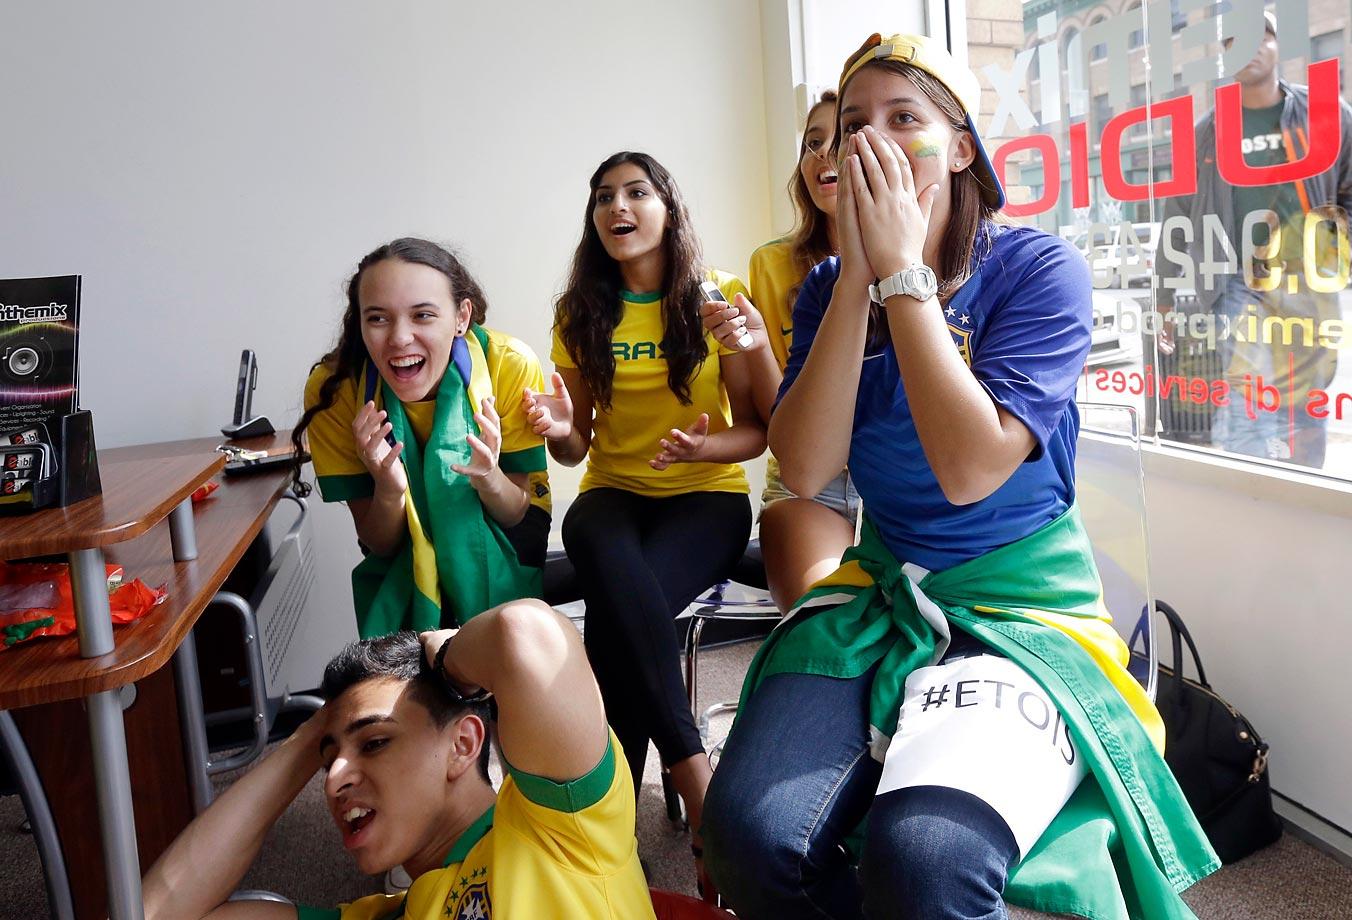 Brazil soccer fans in Framingham, Mass.